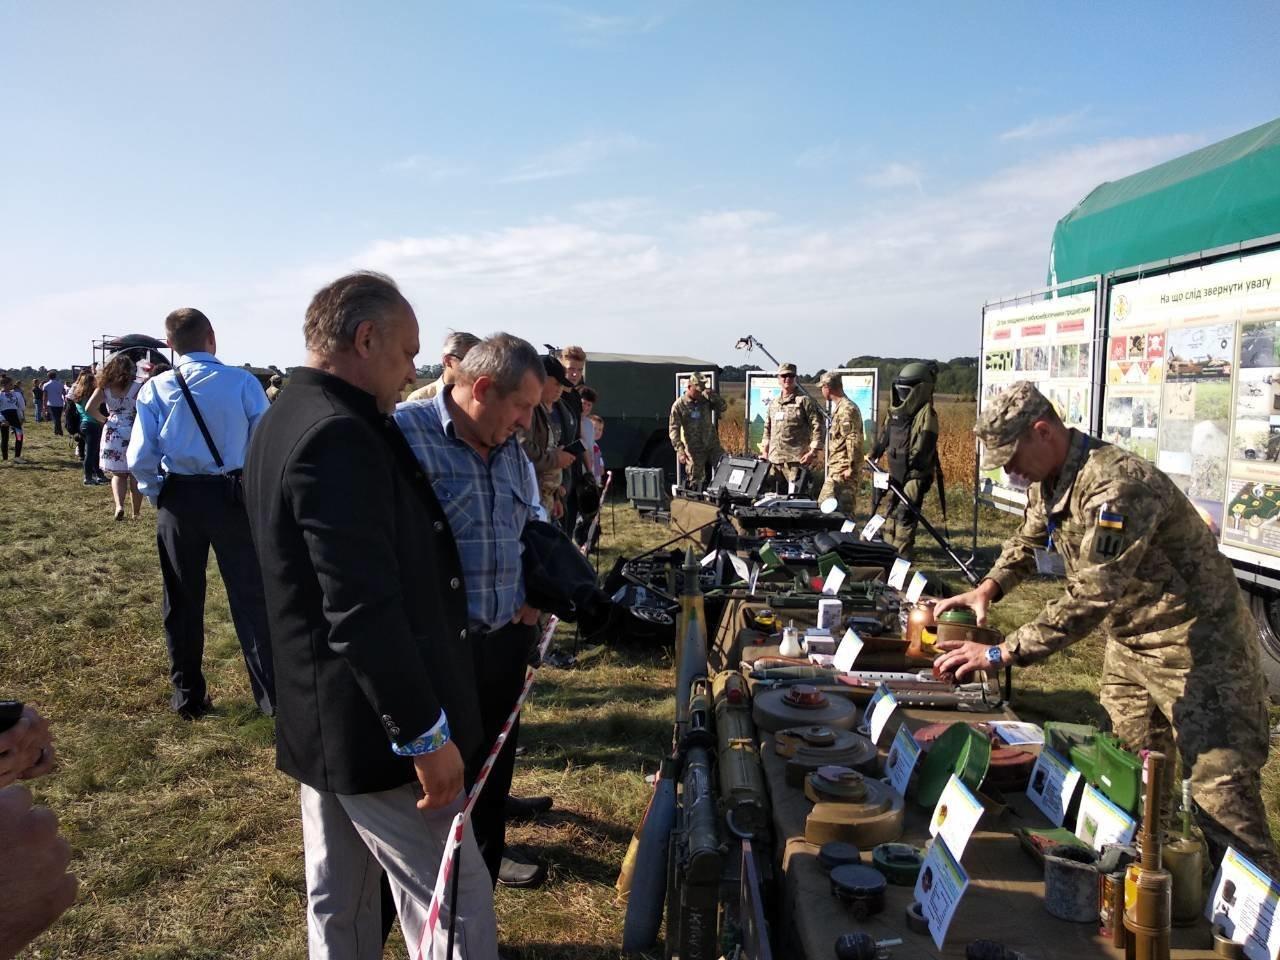 Військовослужбовці Центру розмінування взяли участь у проведенні заходів 14 окремого Пилявецького Потягу, фото-1